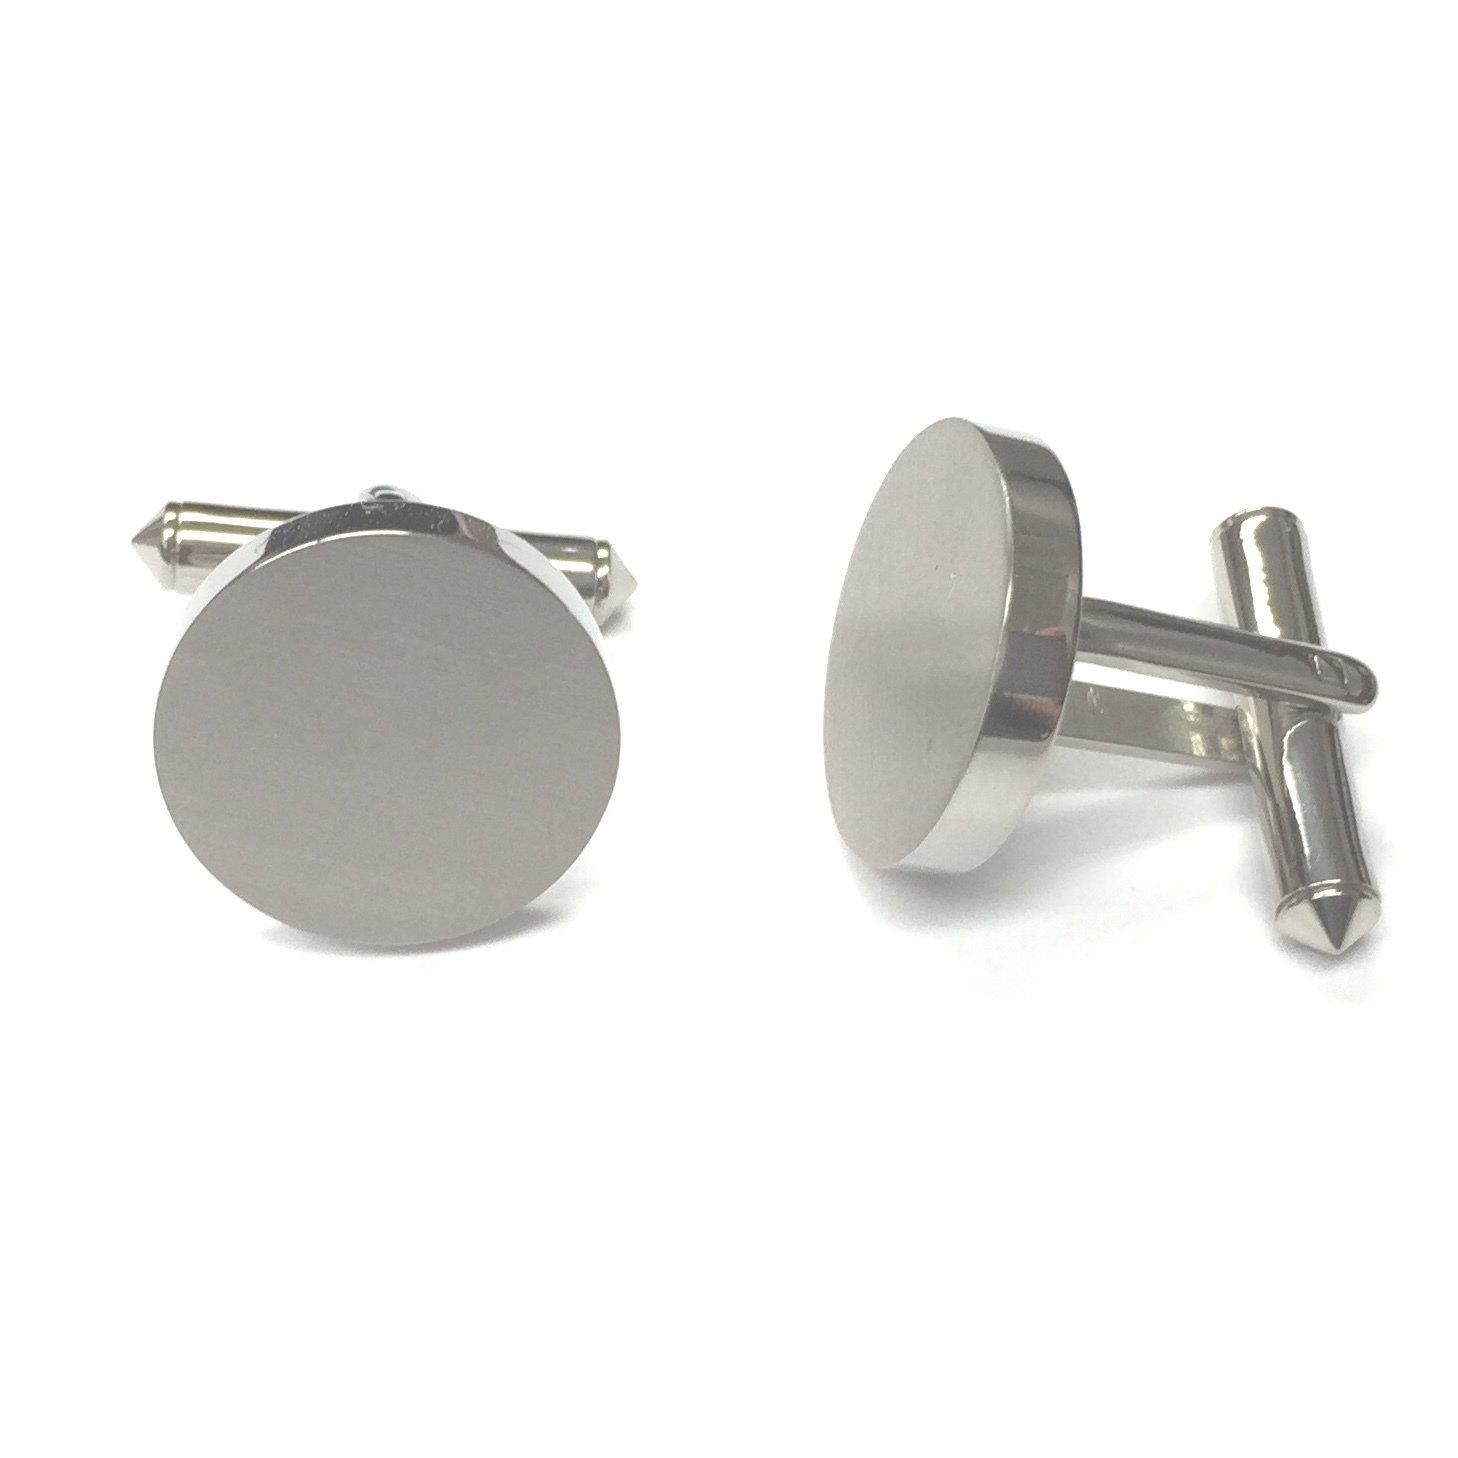 Sleek Round Titanium Cufflink